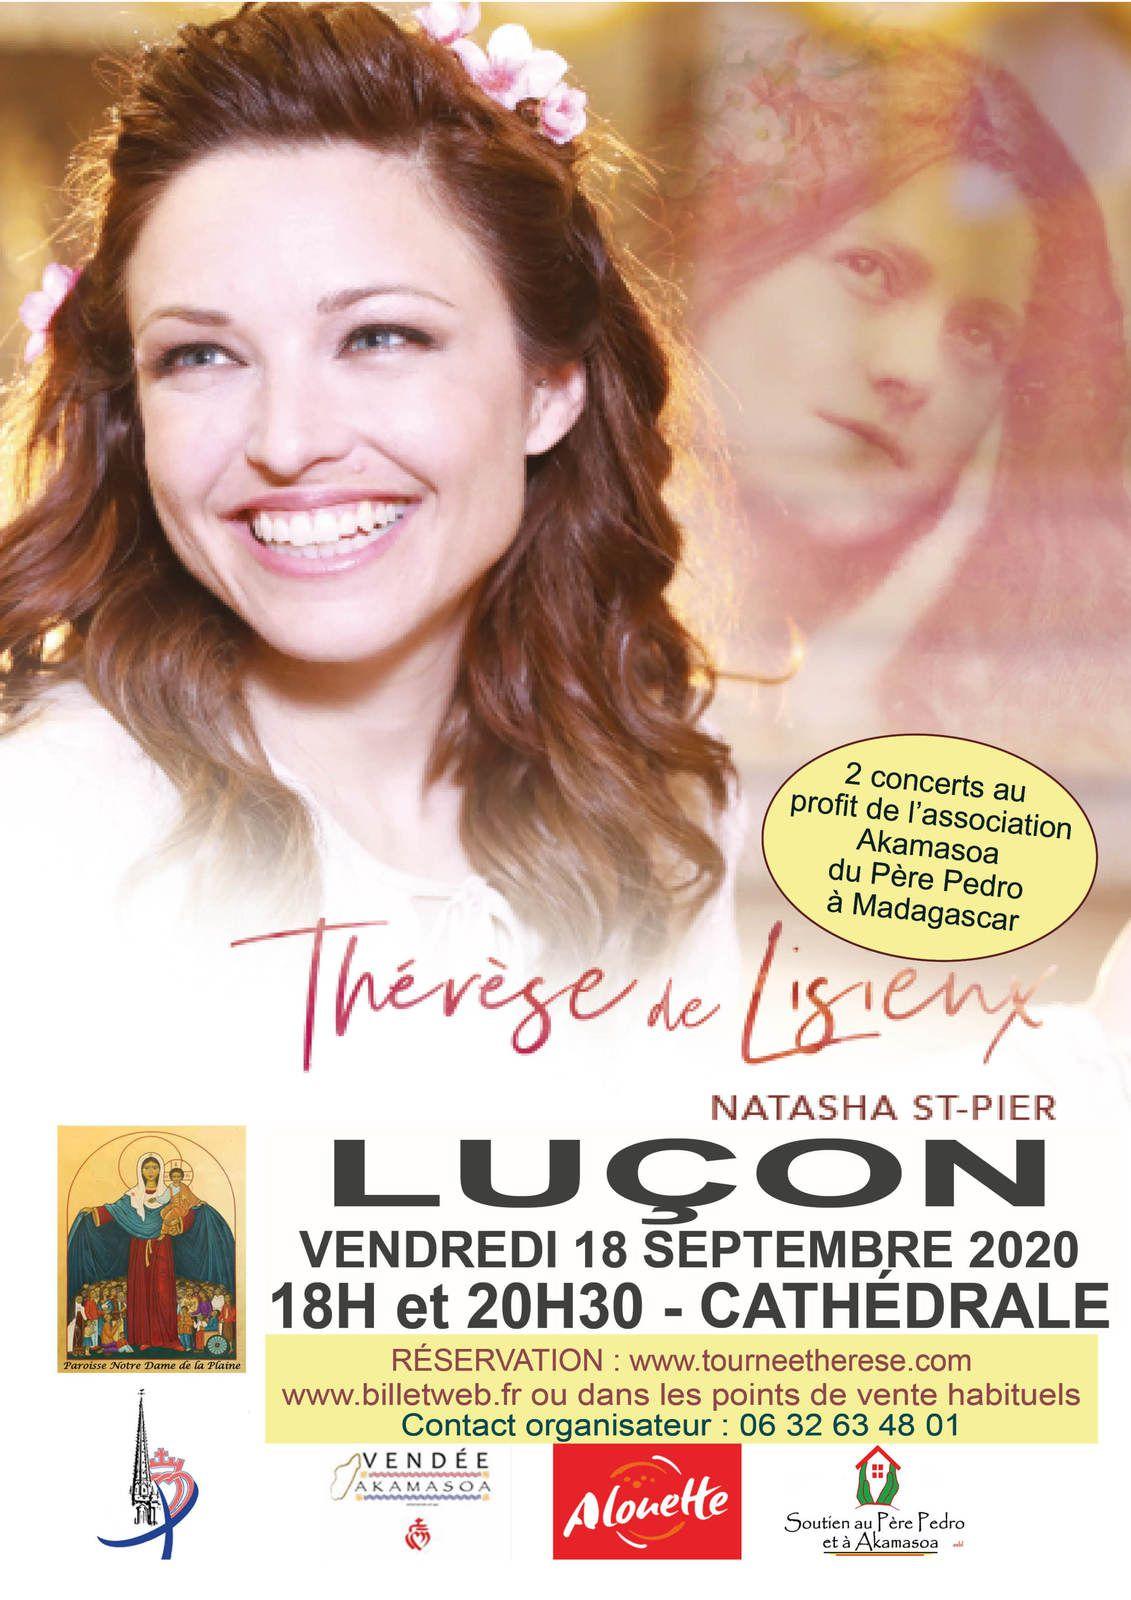 Concert de Natasha St-Pier au profit du père Pedro, en Vendée, le 18 septembre 2020 : il reste des places encore disponibles